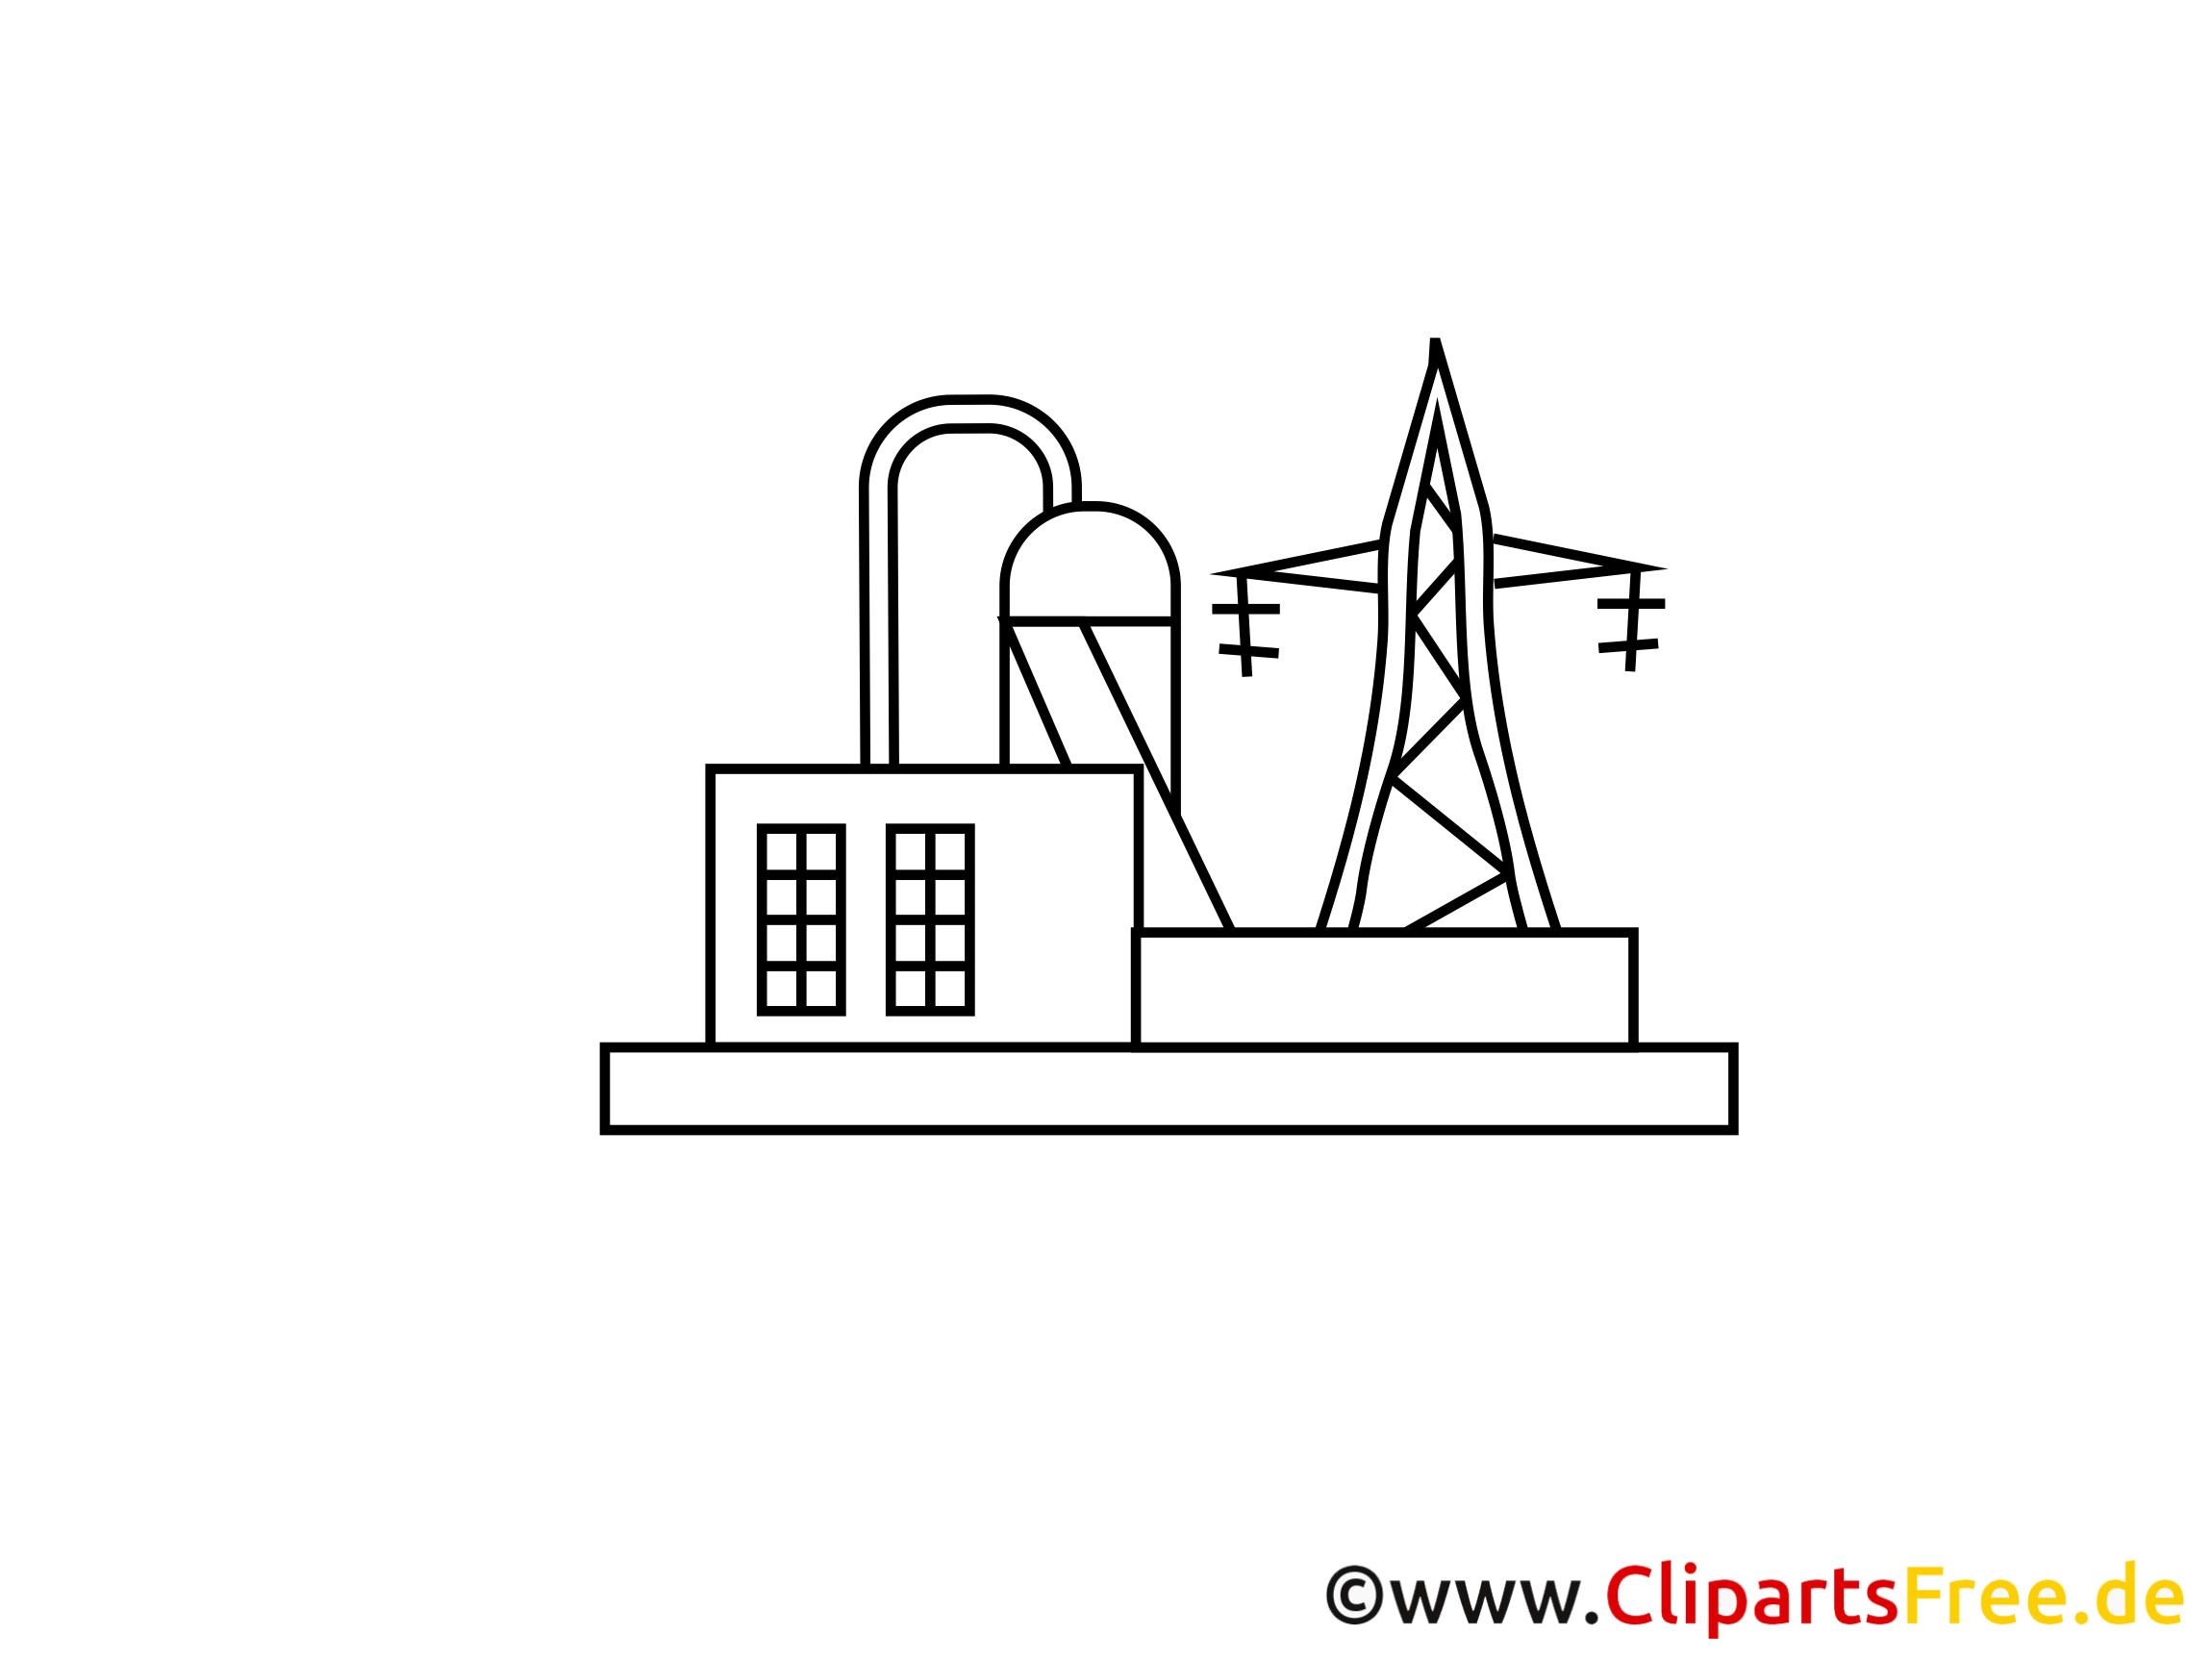 Station électrique image à imprimer - Industrie images